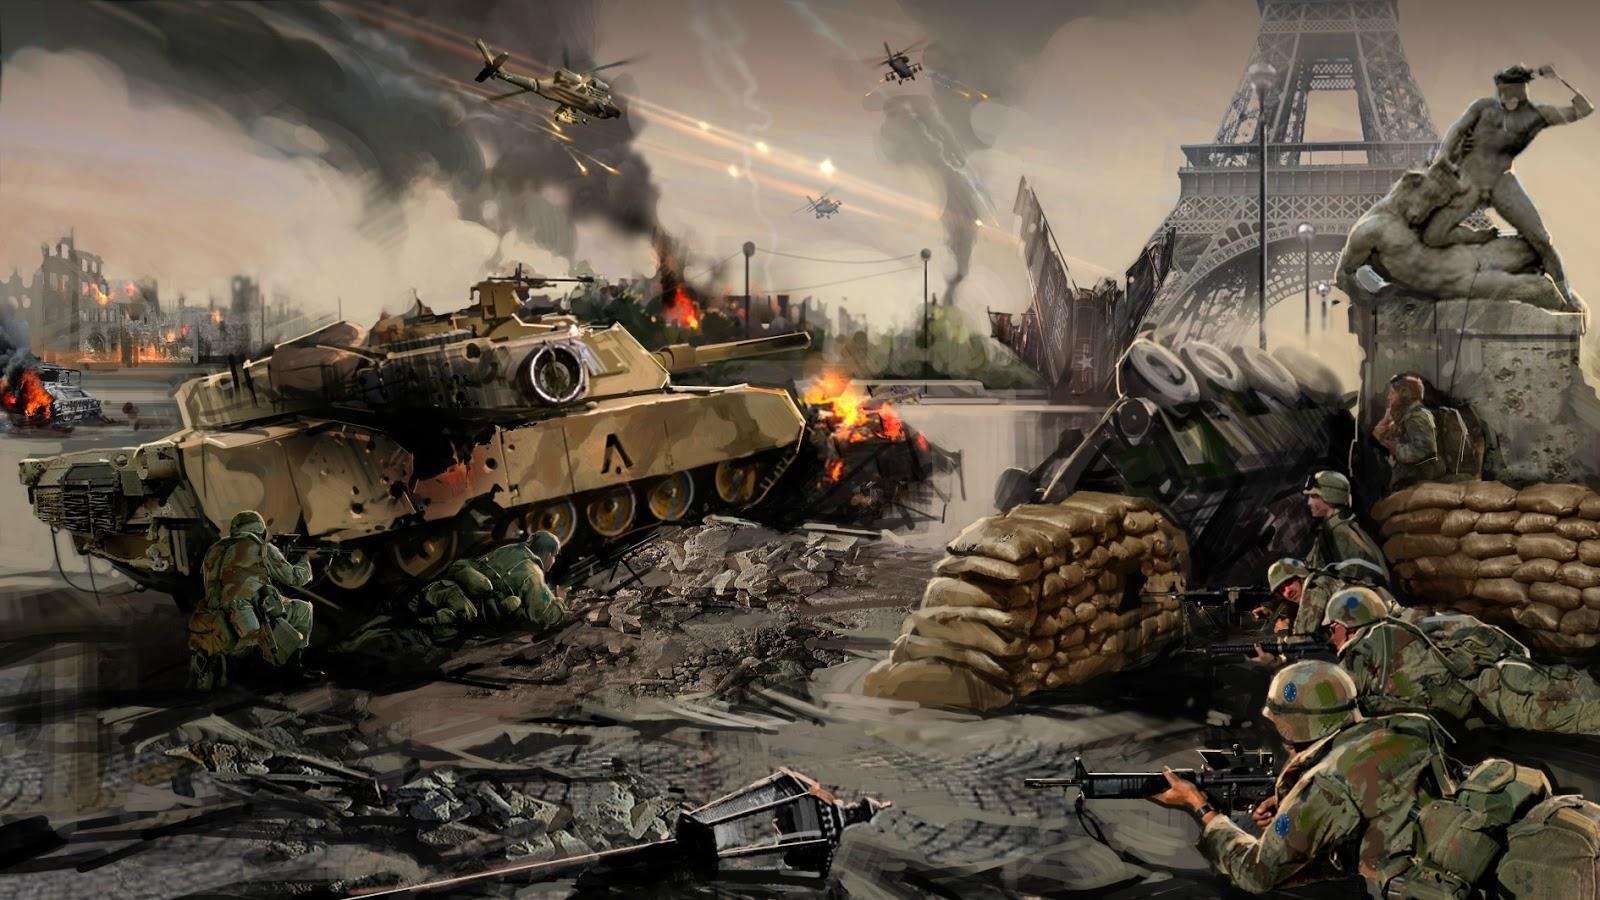 Ποιος έχει όρεξη για έναν νέο Παγκόσμιο Πόλεμο;